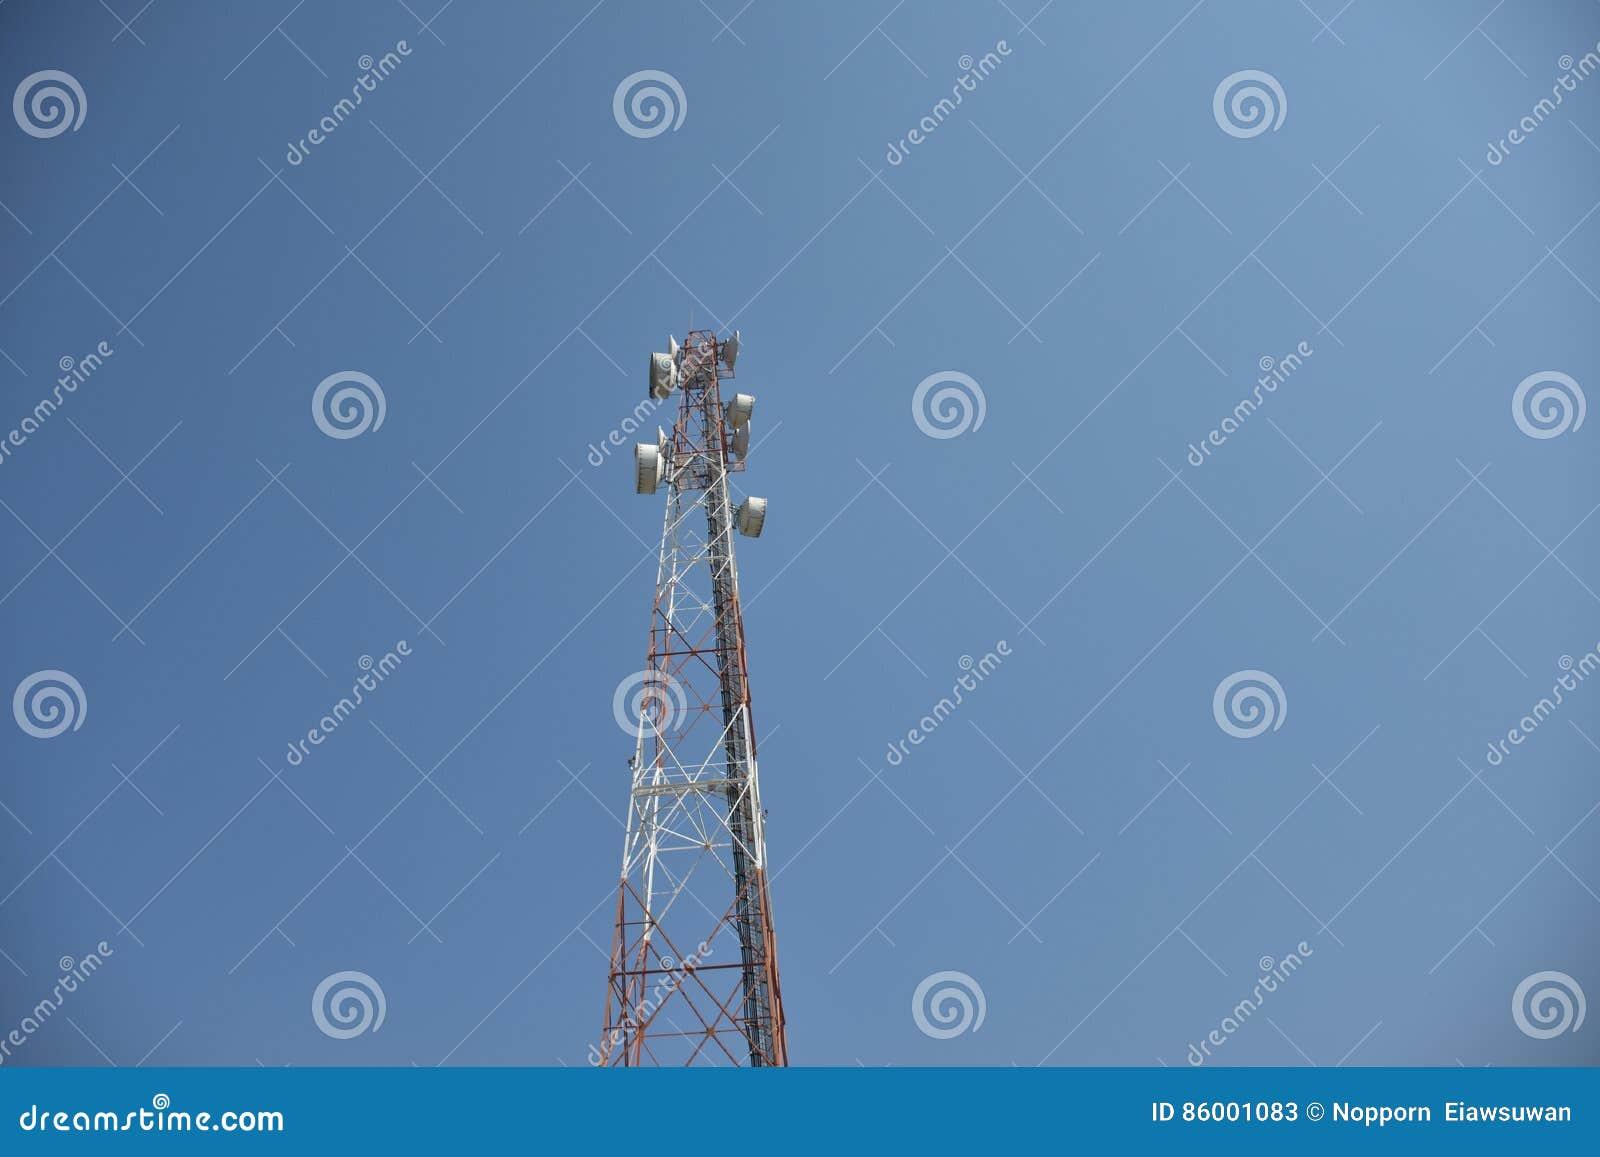 Mobilfunkanlage für Telekommunikation